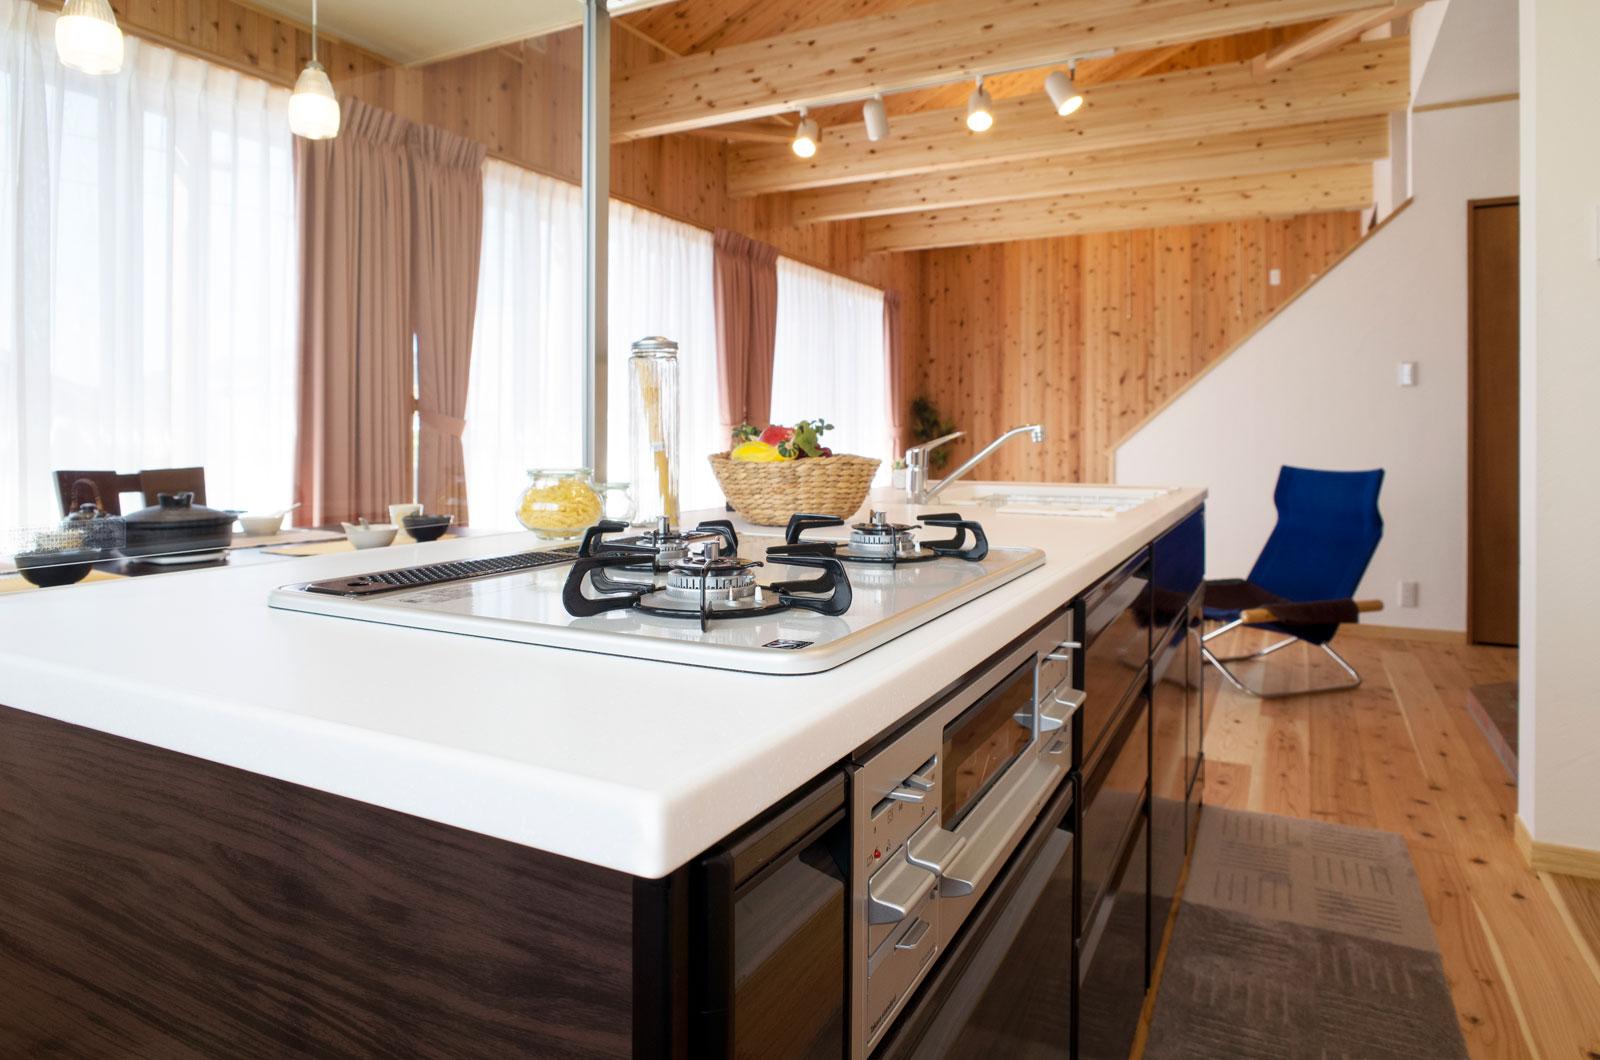 部屋の中すべてを見渡せる開放的な対面式キッチン